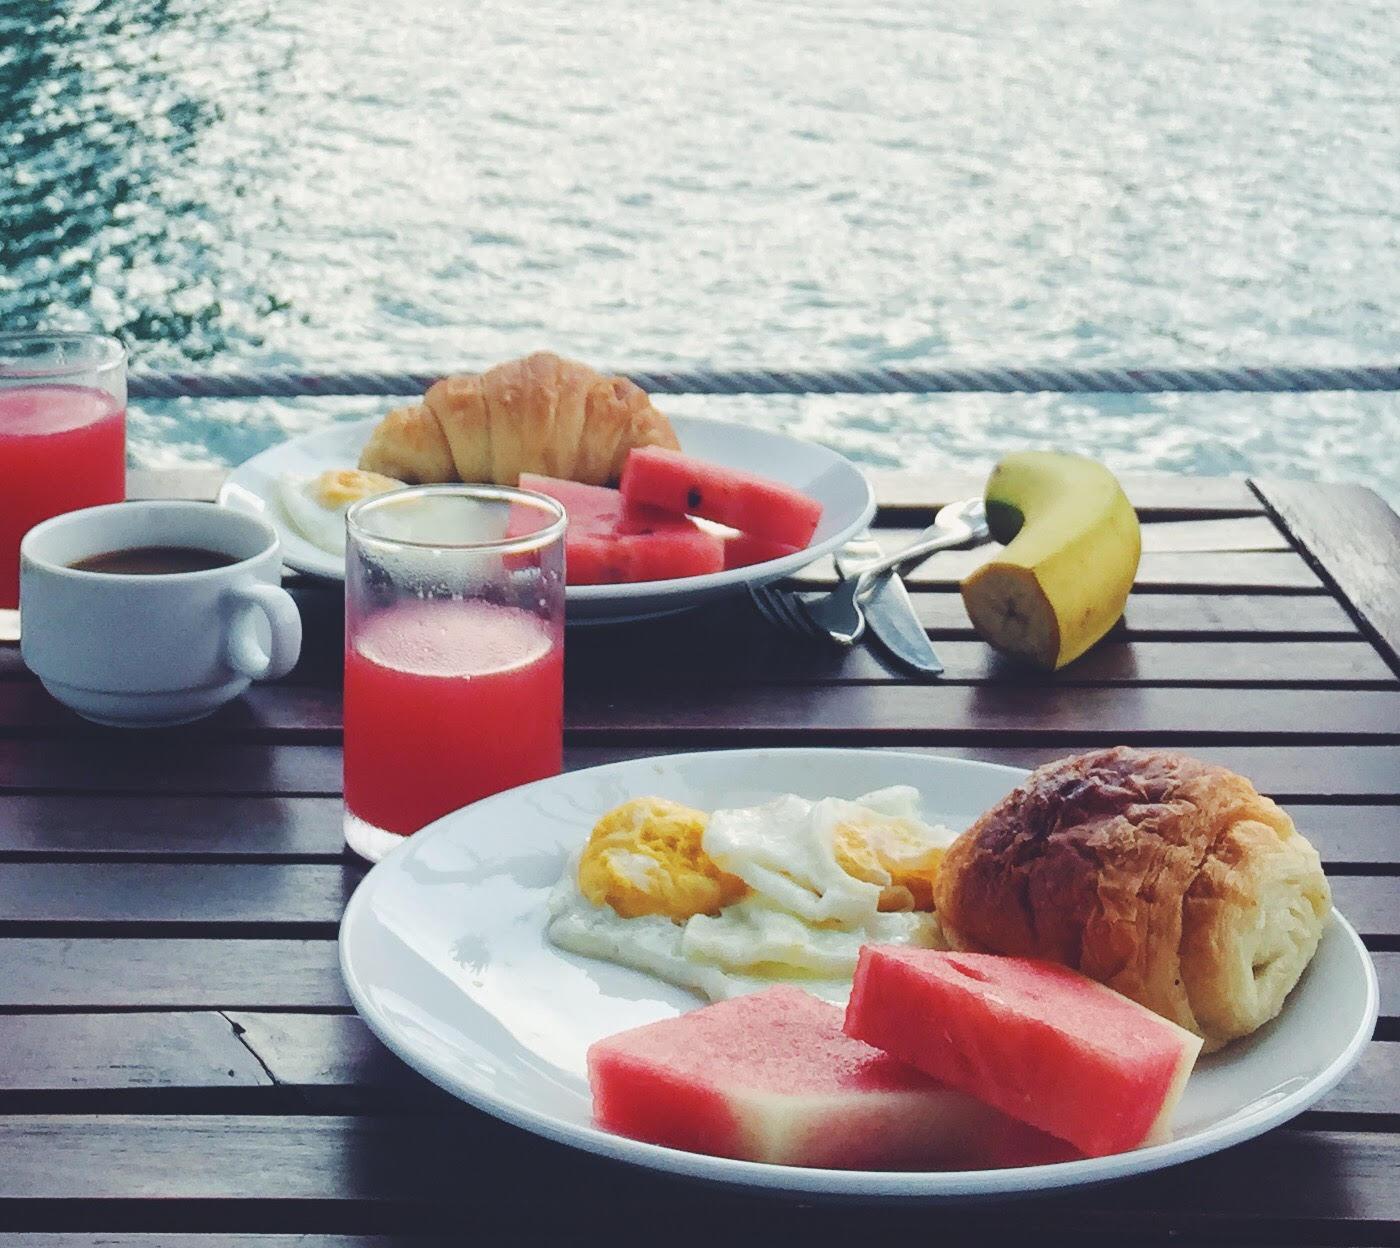 morgenmad-kaffe-halong-bugten